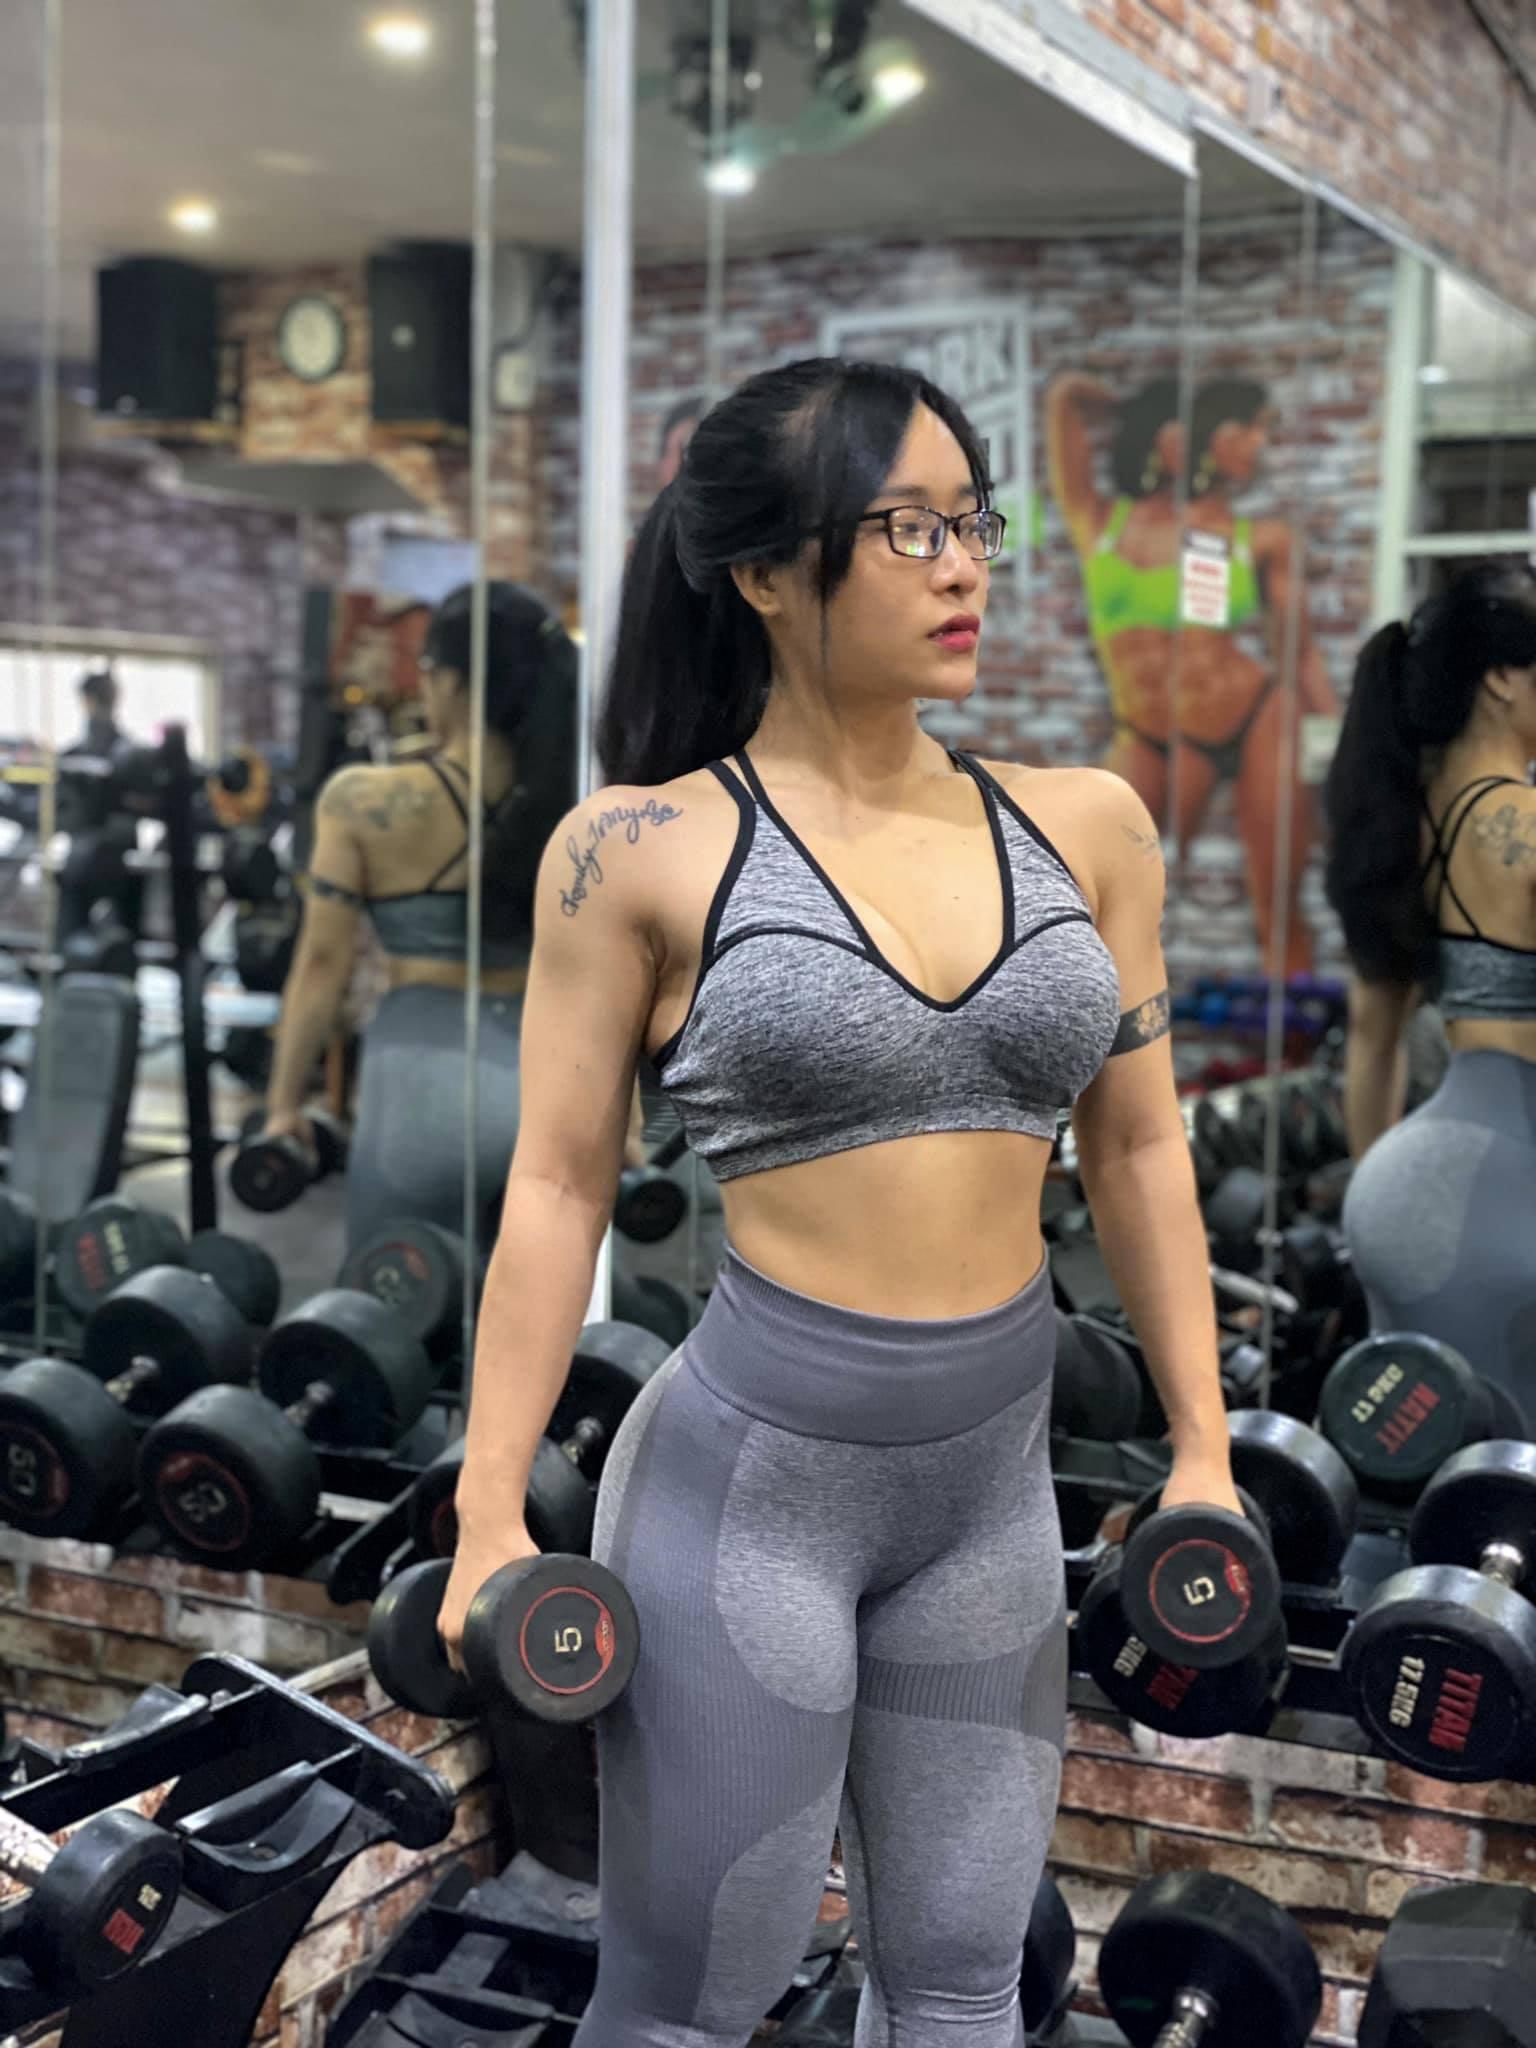 Quỳnh luyện tập hằng ngày để có một cơ thể cân đối.